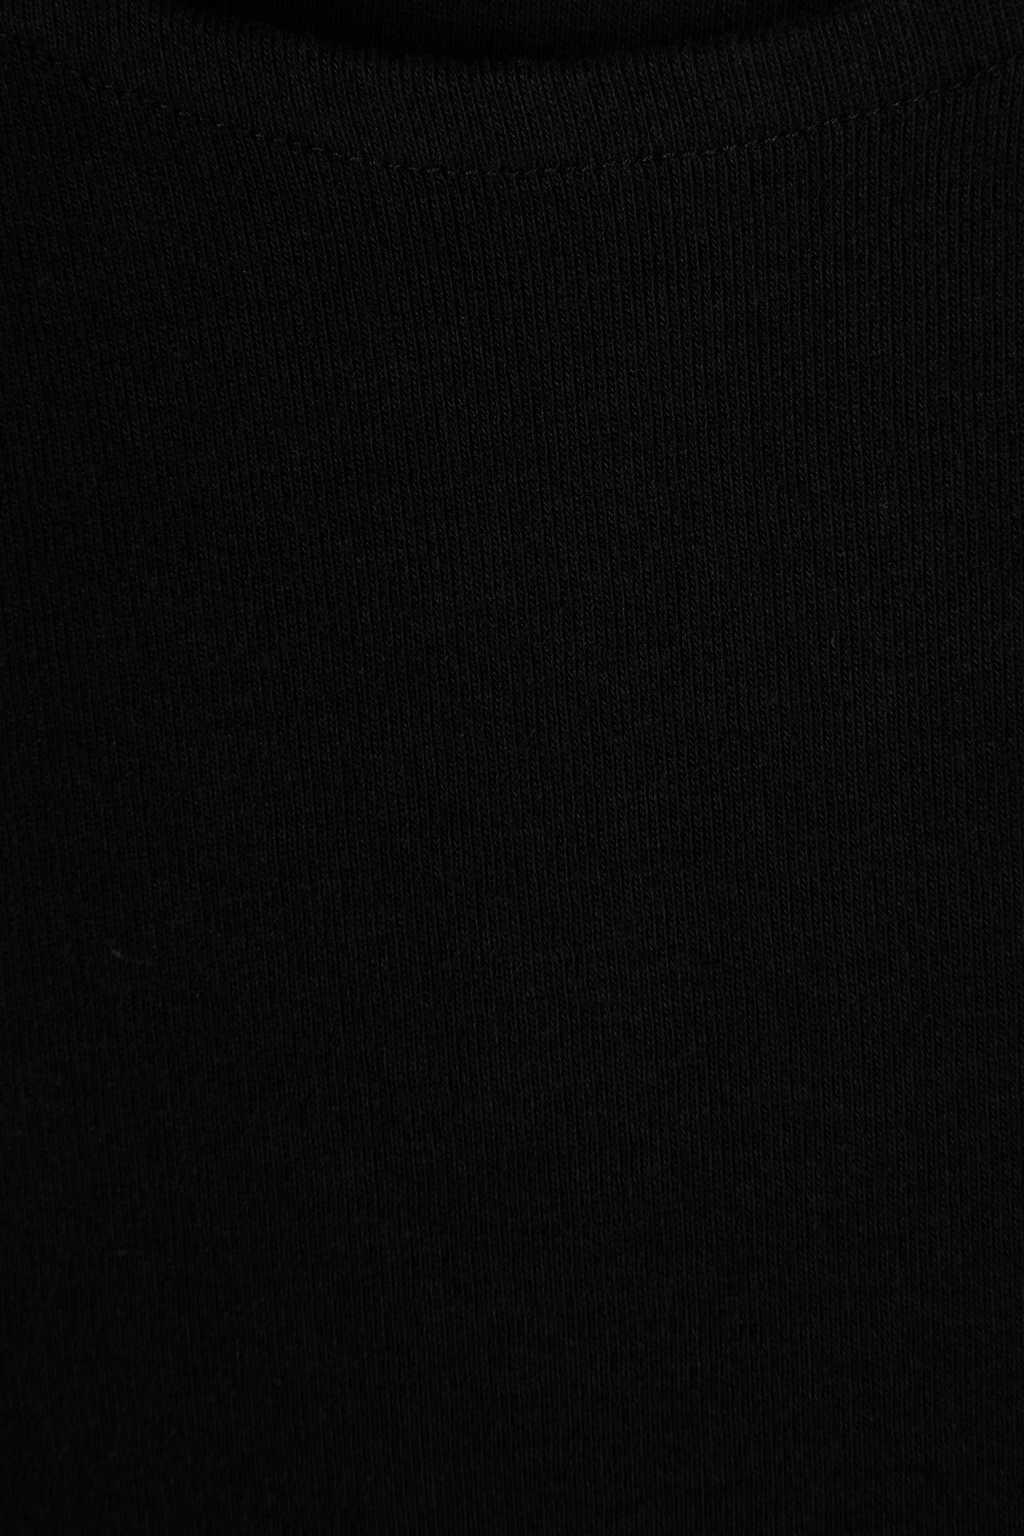 TShirt 21252019 Black 6